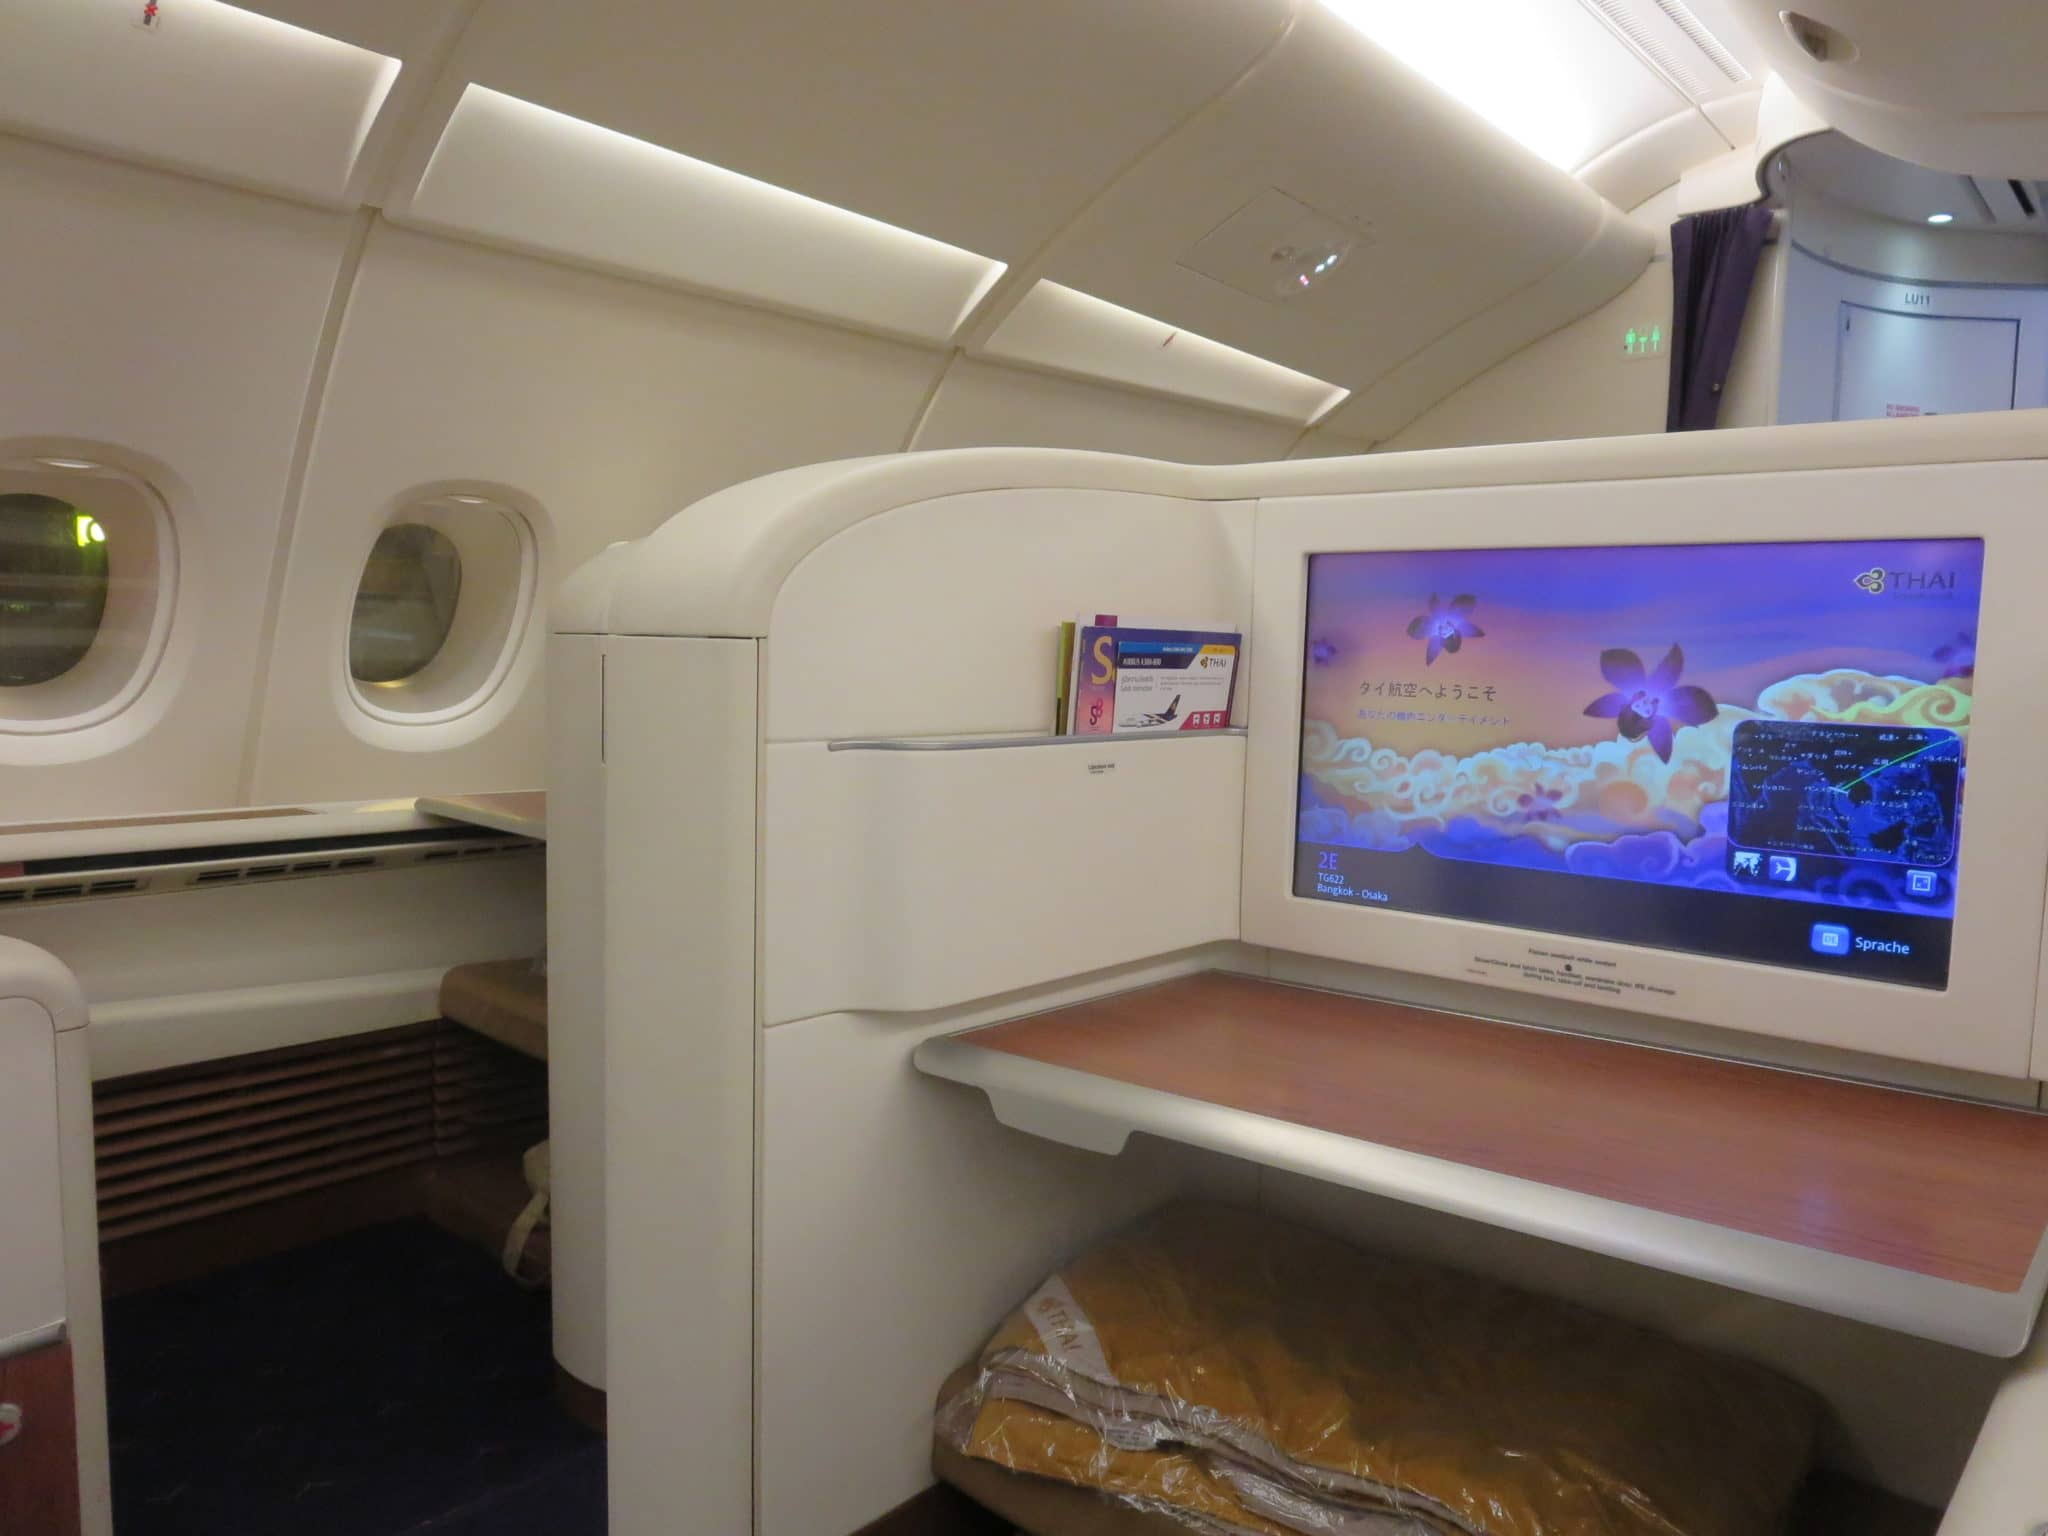 Thai Airways First Class A380 Tisch